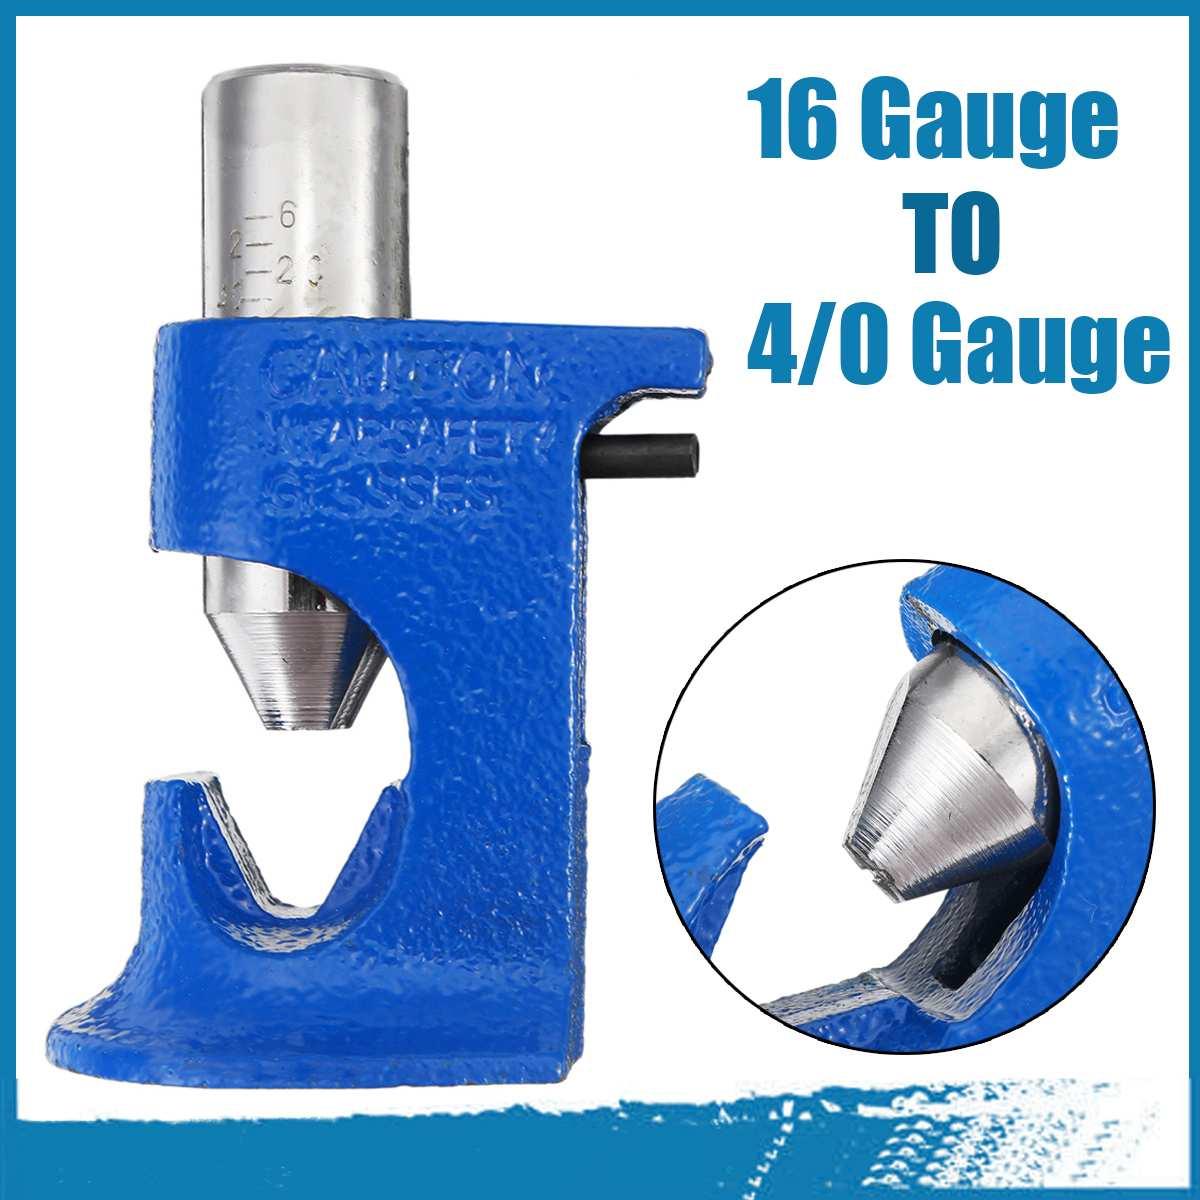 Lug ferramenta de friso mola carregado martelo tipo ferramenta greve crimper cabo alicate automático fio propagador 16 calibre a 4/0 calibre